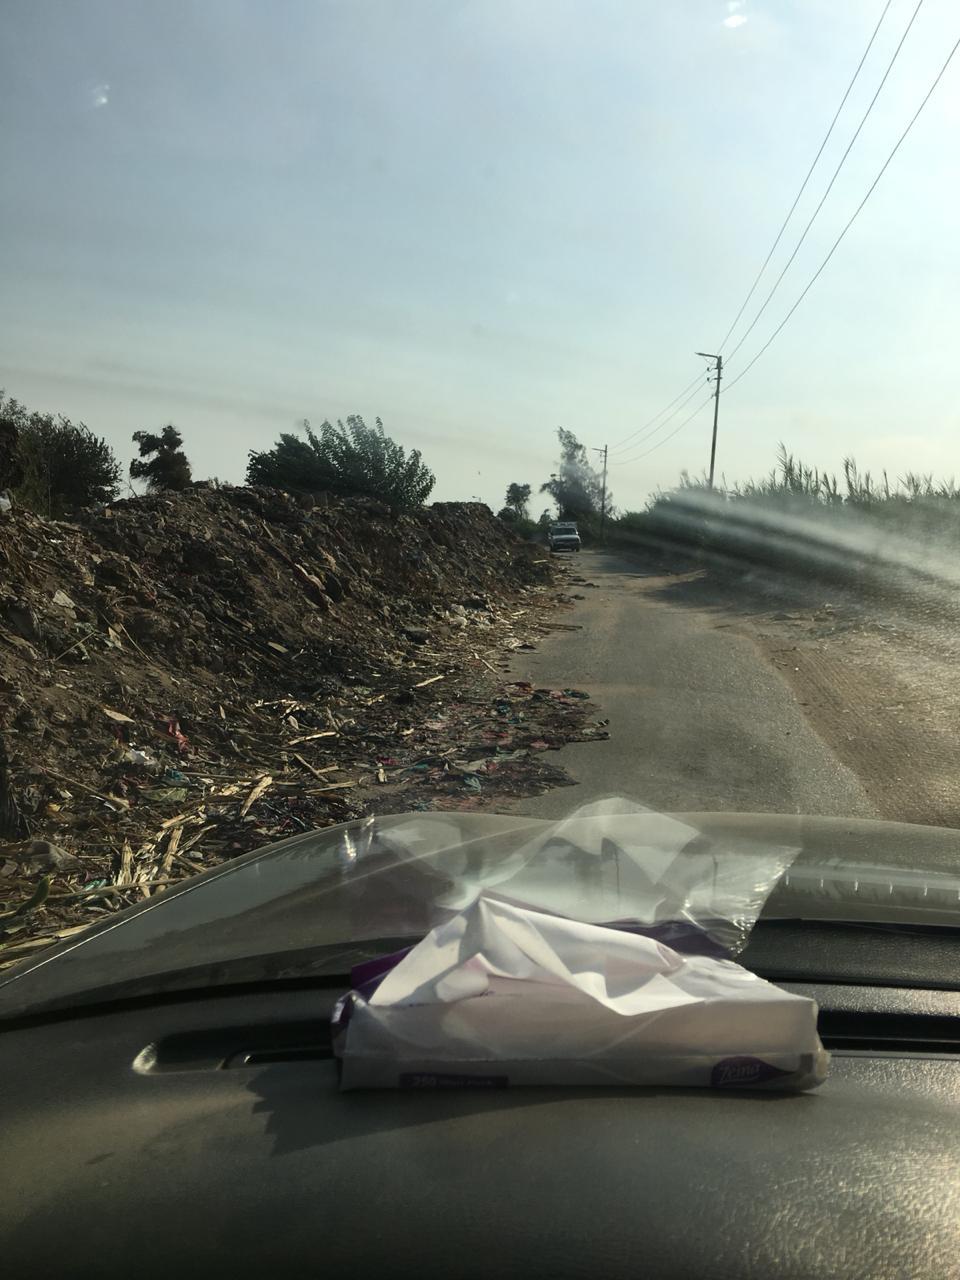 سوء حالة طريق الخضراوية (1)